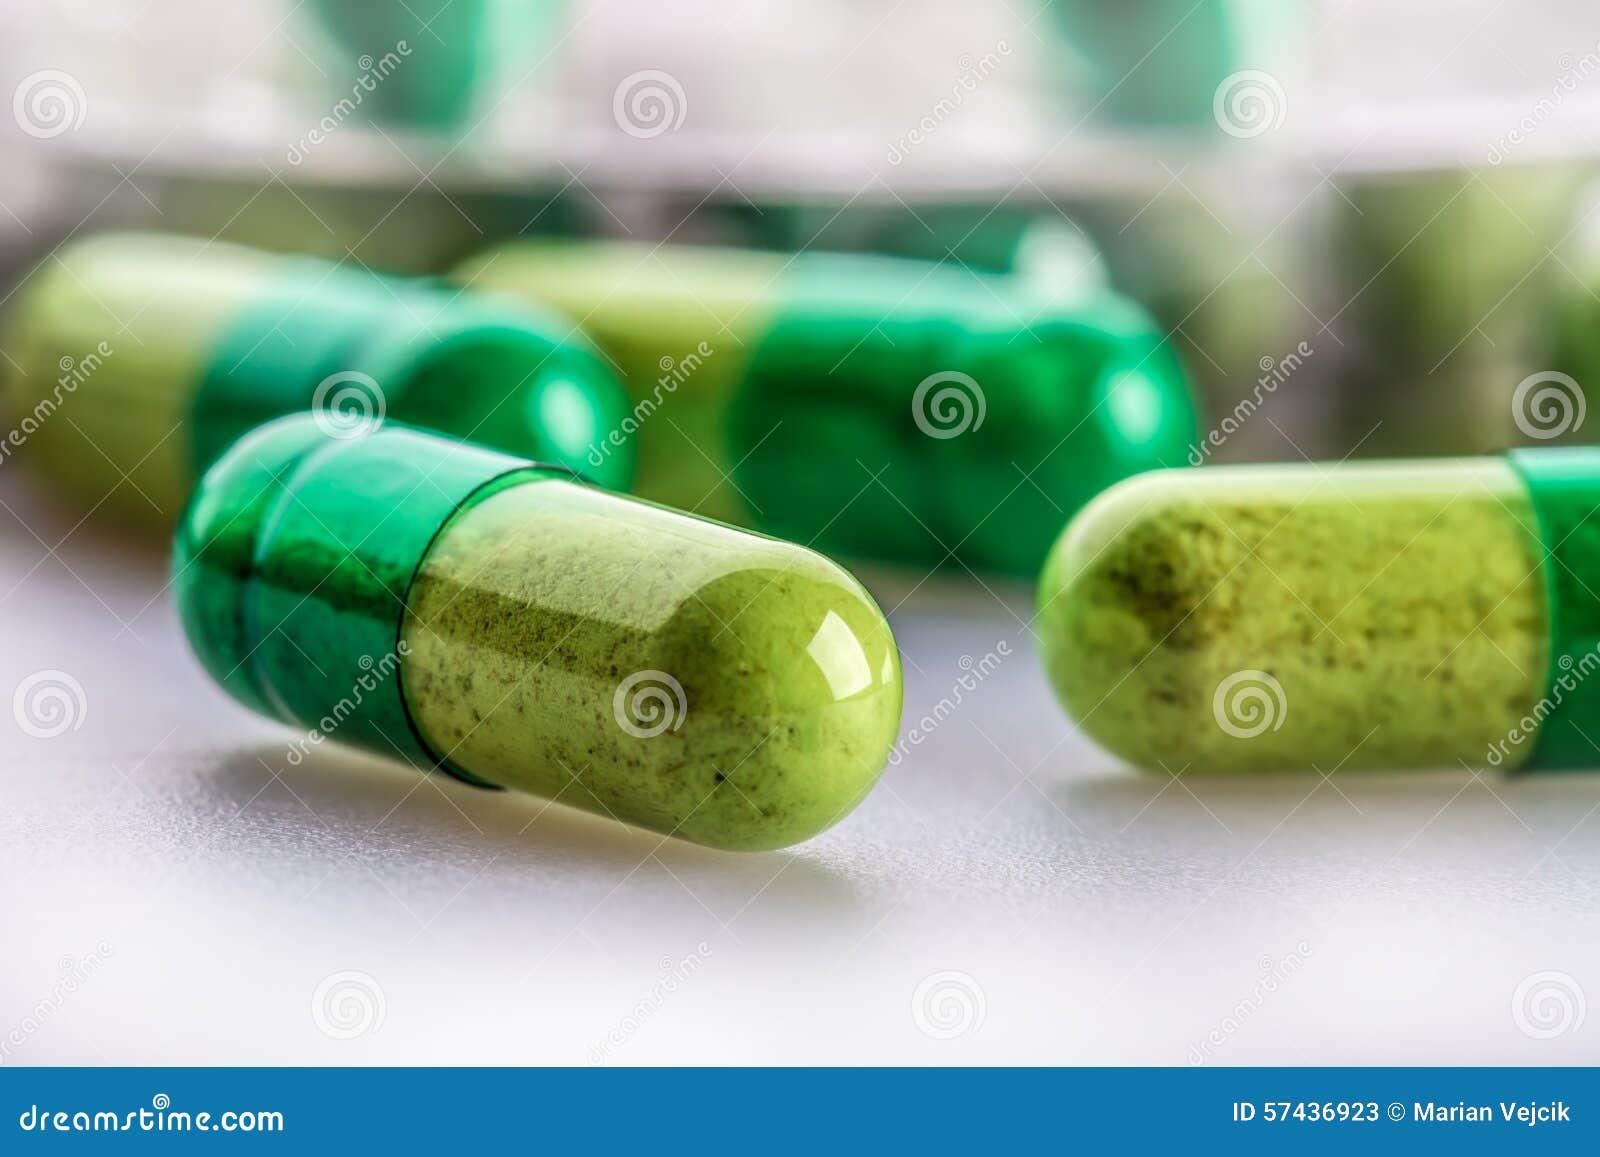 Pillules tablettes capsule Segment de mémoire des pillules Fond médical Plan rapproché de pile des comprimés de vert jaune